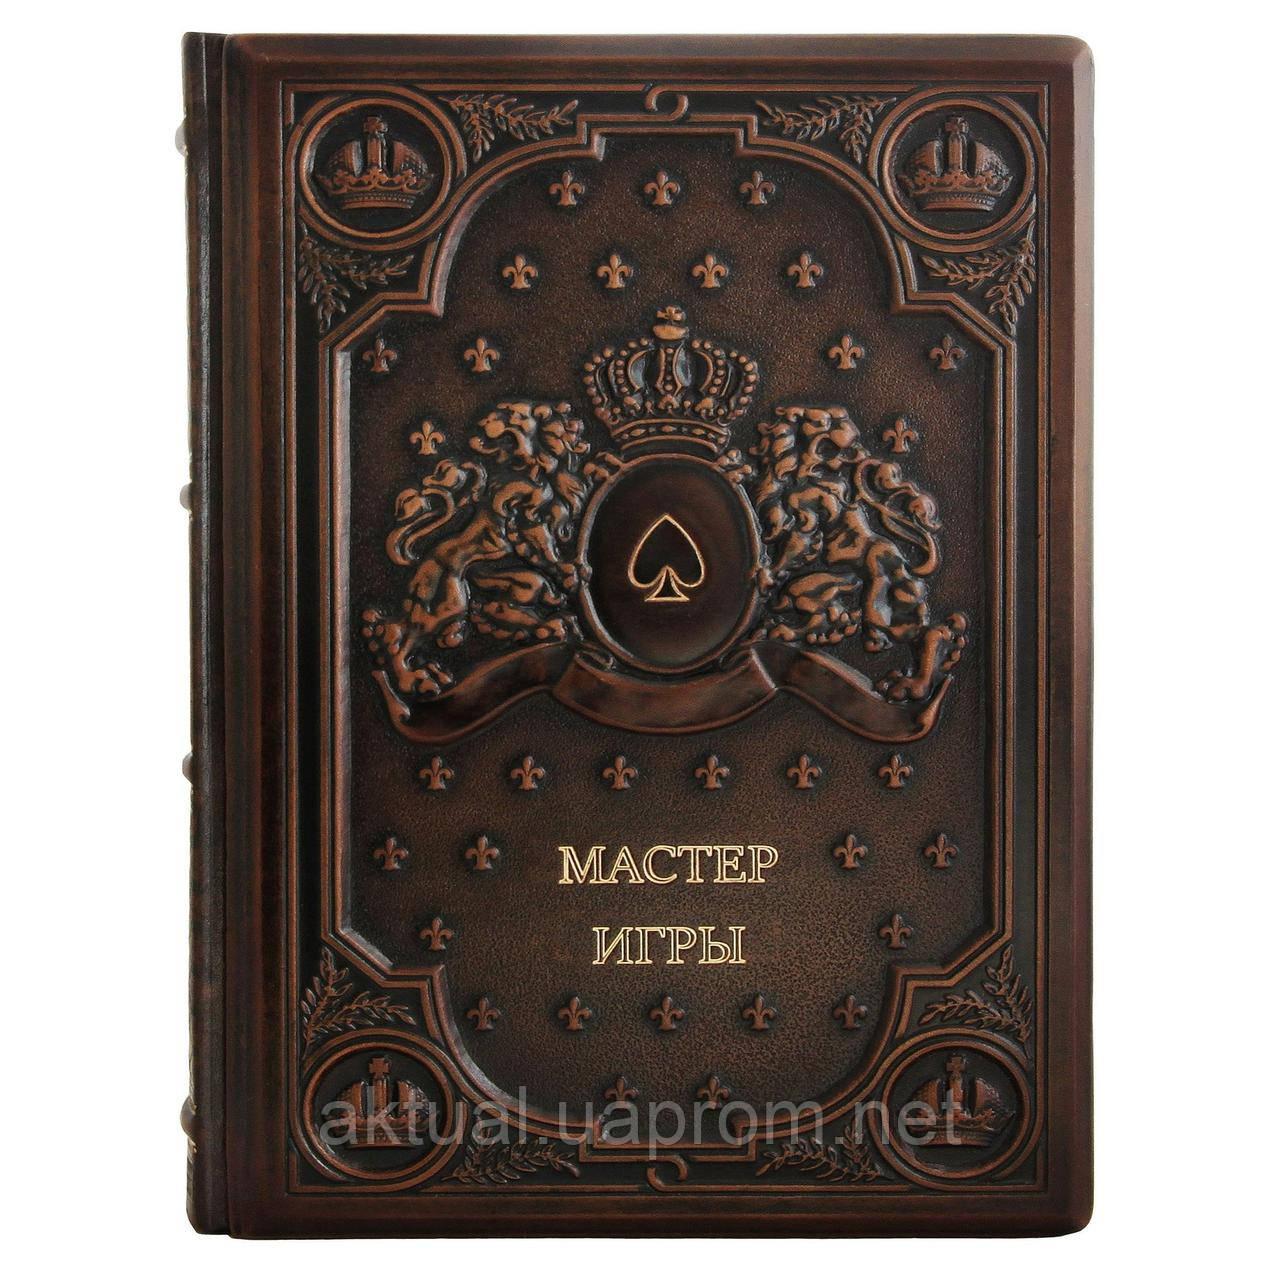 Книга Мастер игры. Автор Роберт Грин.